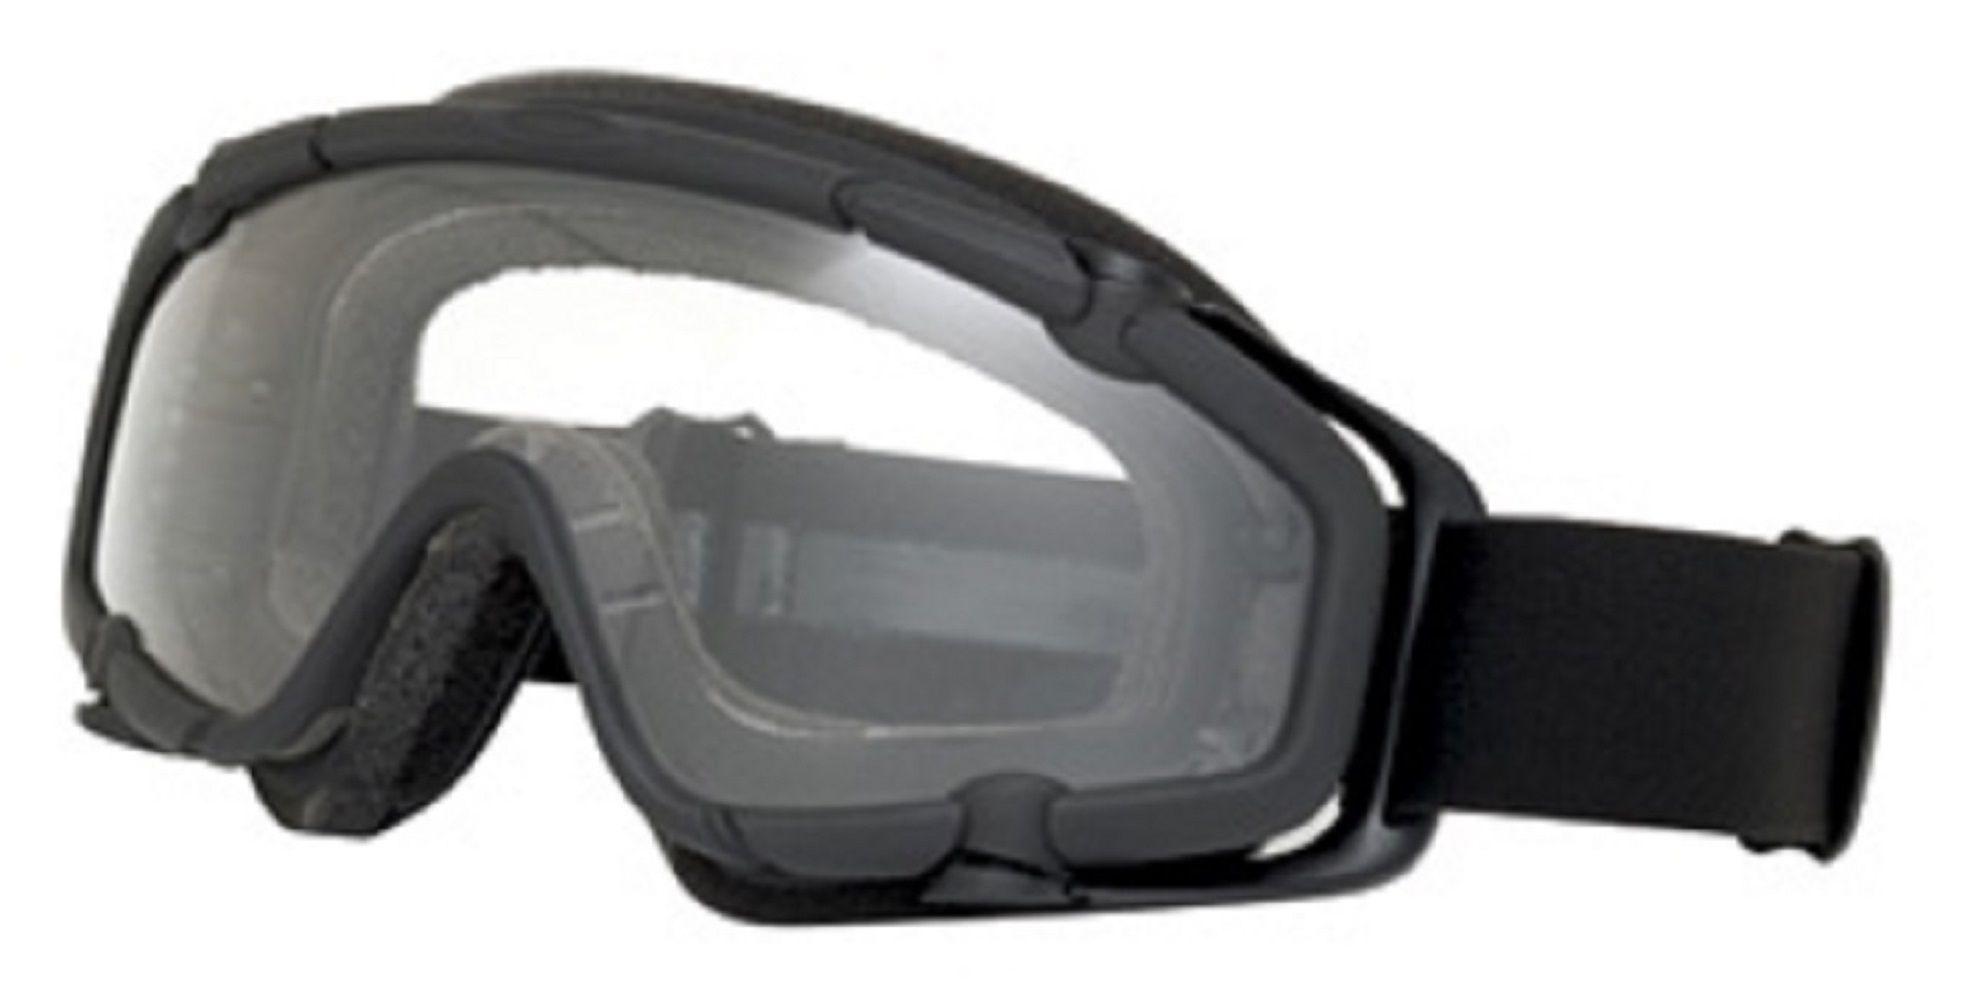 5a49c7b35a Oakley SI Ballistic Brille Schwarz